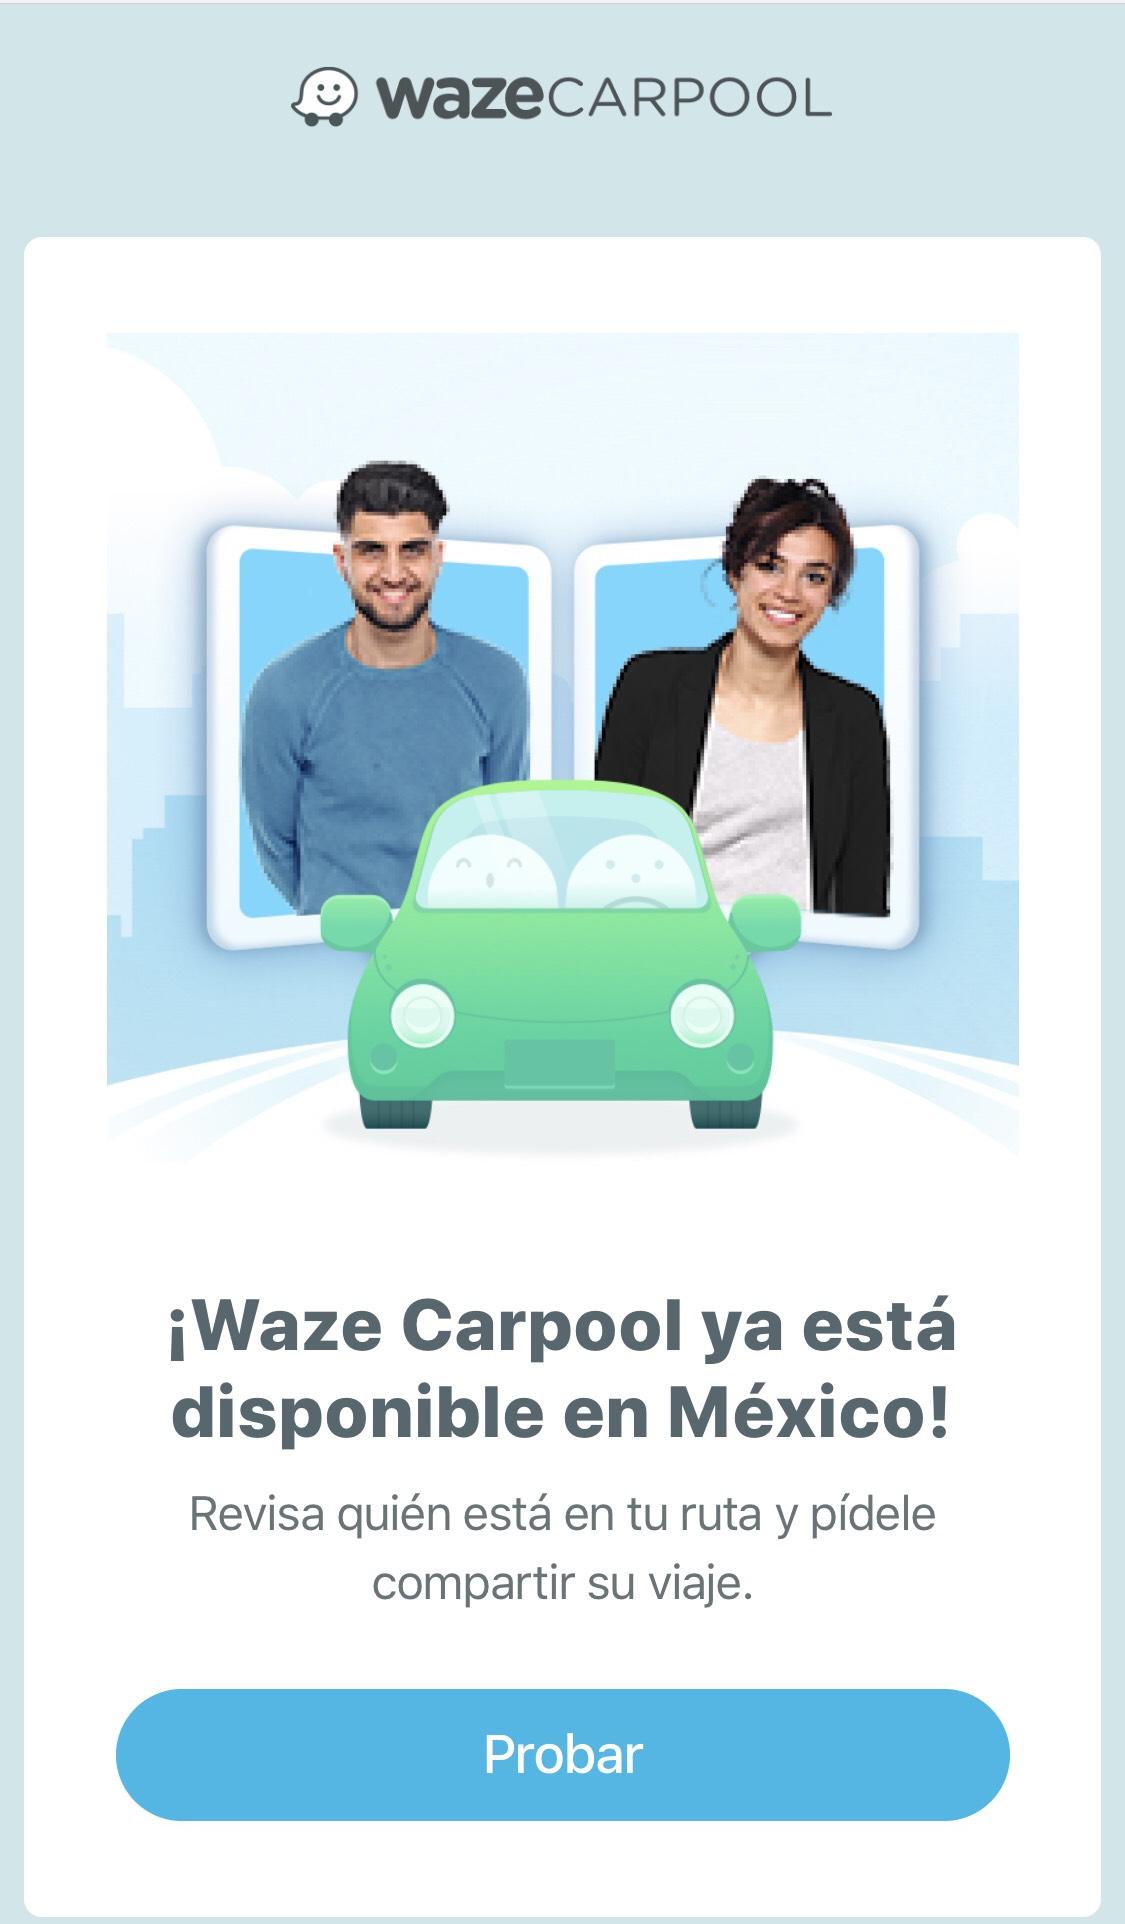 Waze Carpool: Viajes compartidos desde $10